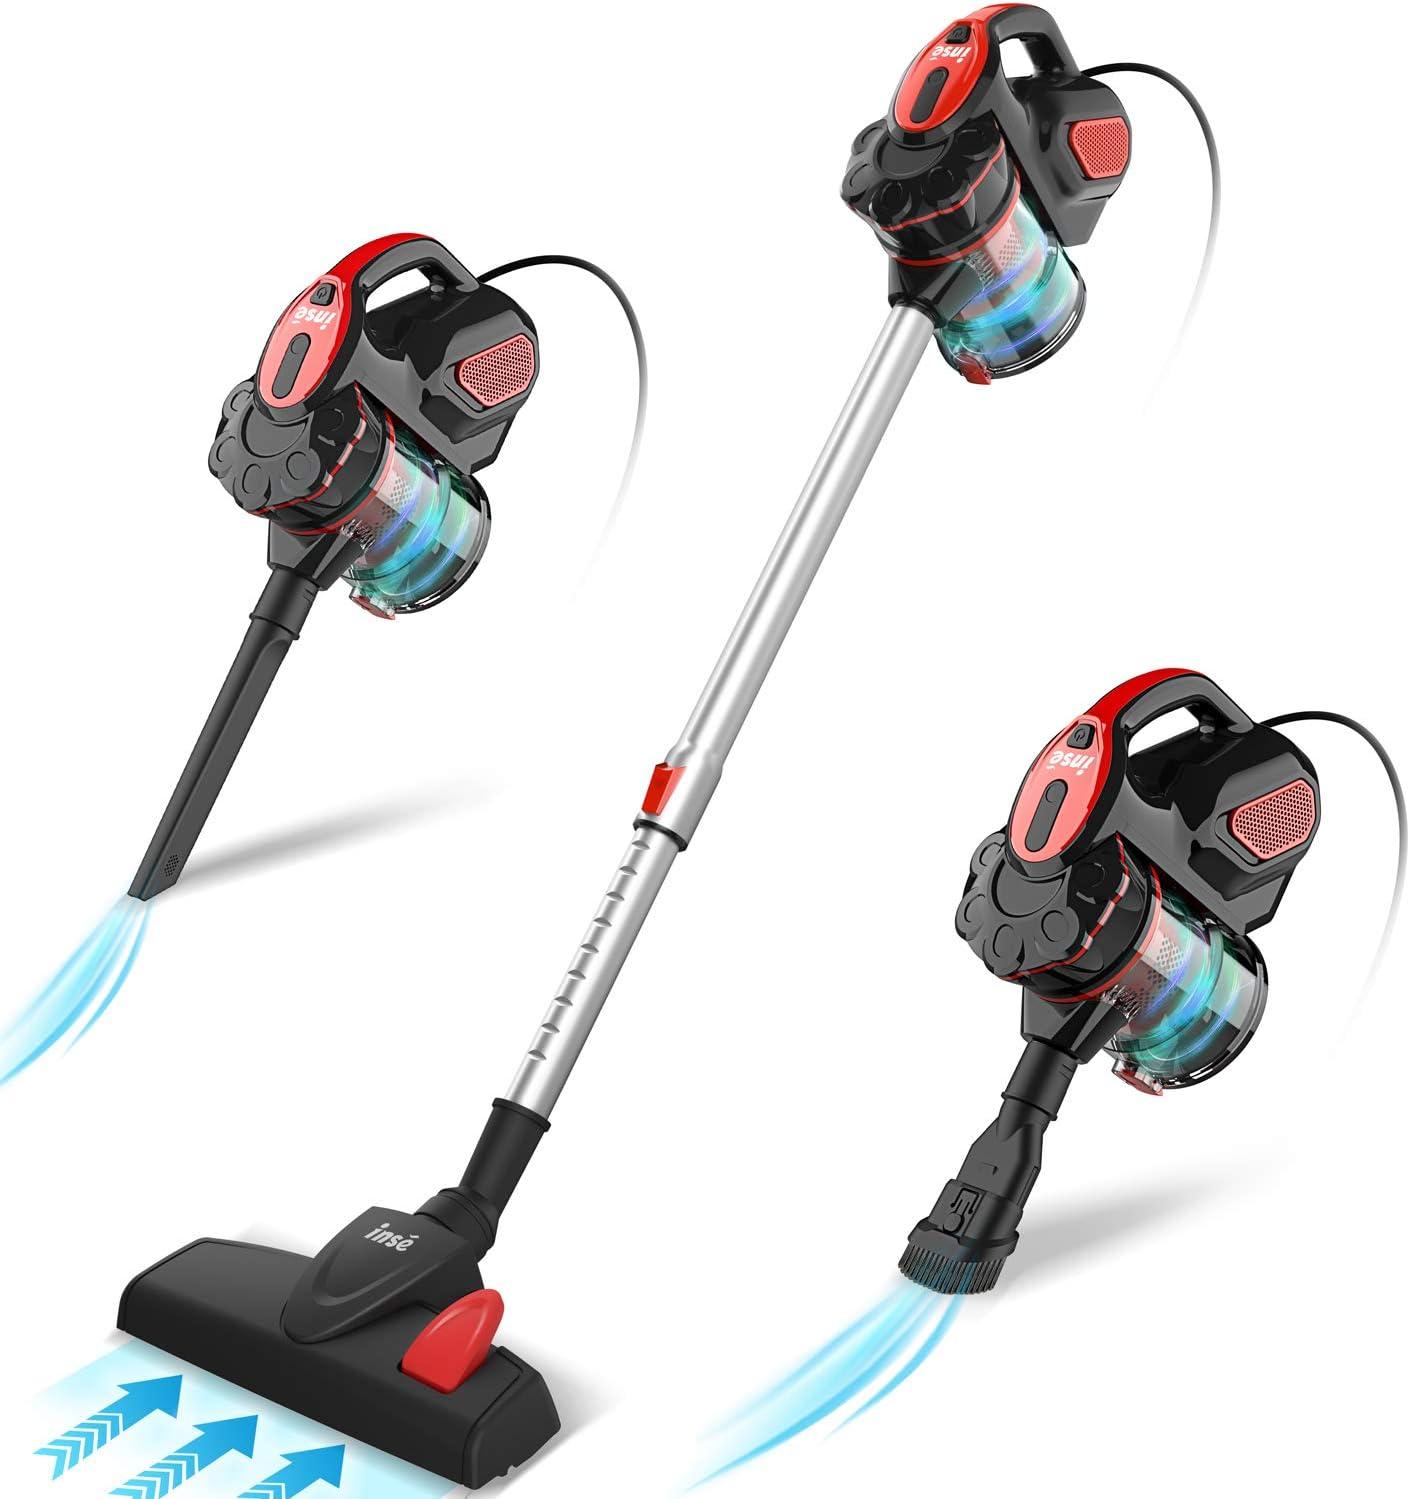 INSE Aspirador con Cable, 3 En 1 Vertical y de Mano, Hogar Escopa Aspiradora, Poderosa Succión 18Kpa, 600W, 1L, Hepa Filtro Lavable, 3 Cepillos Ajustable [Clase de Eficiencia Energética A+]: Amazon.es: Hogar